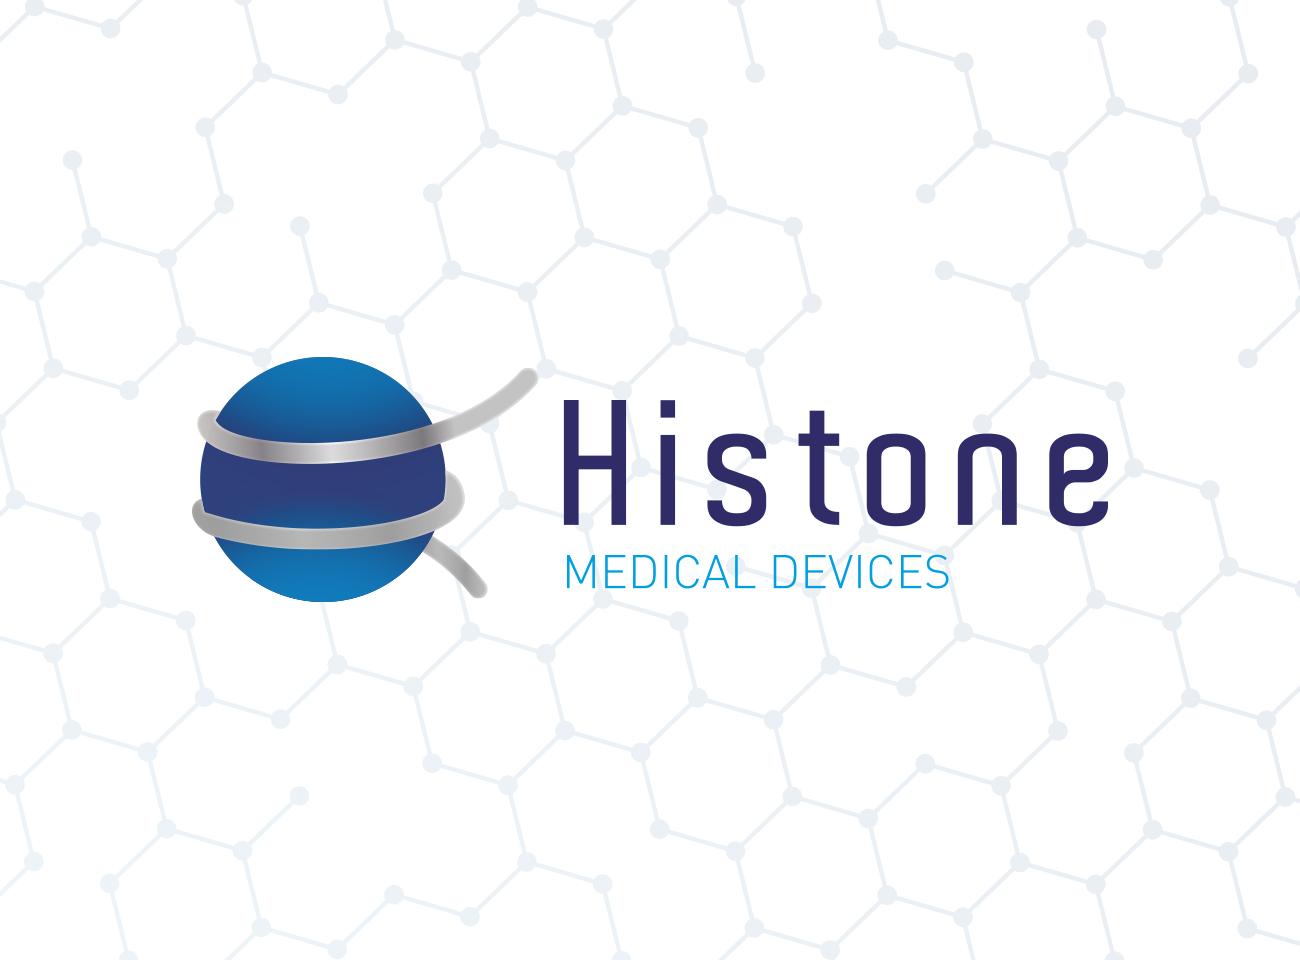 Logo-histone